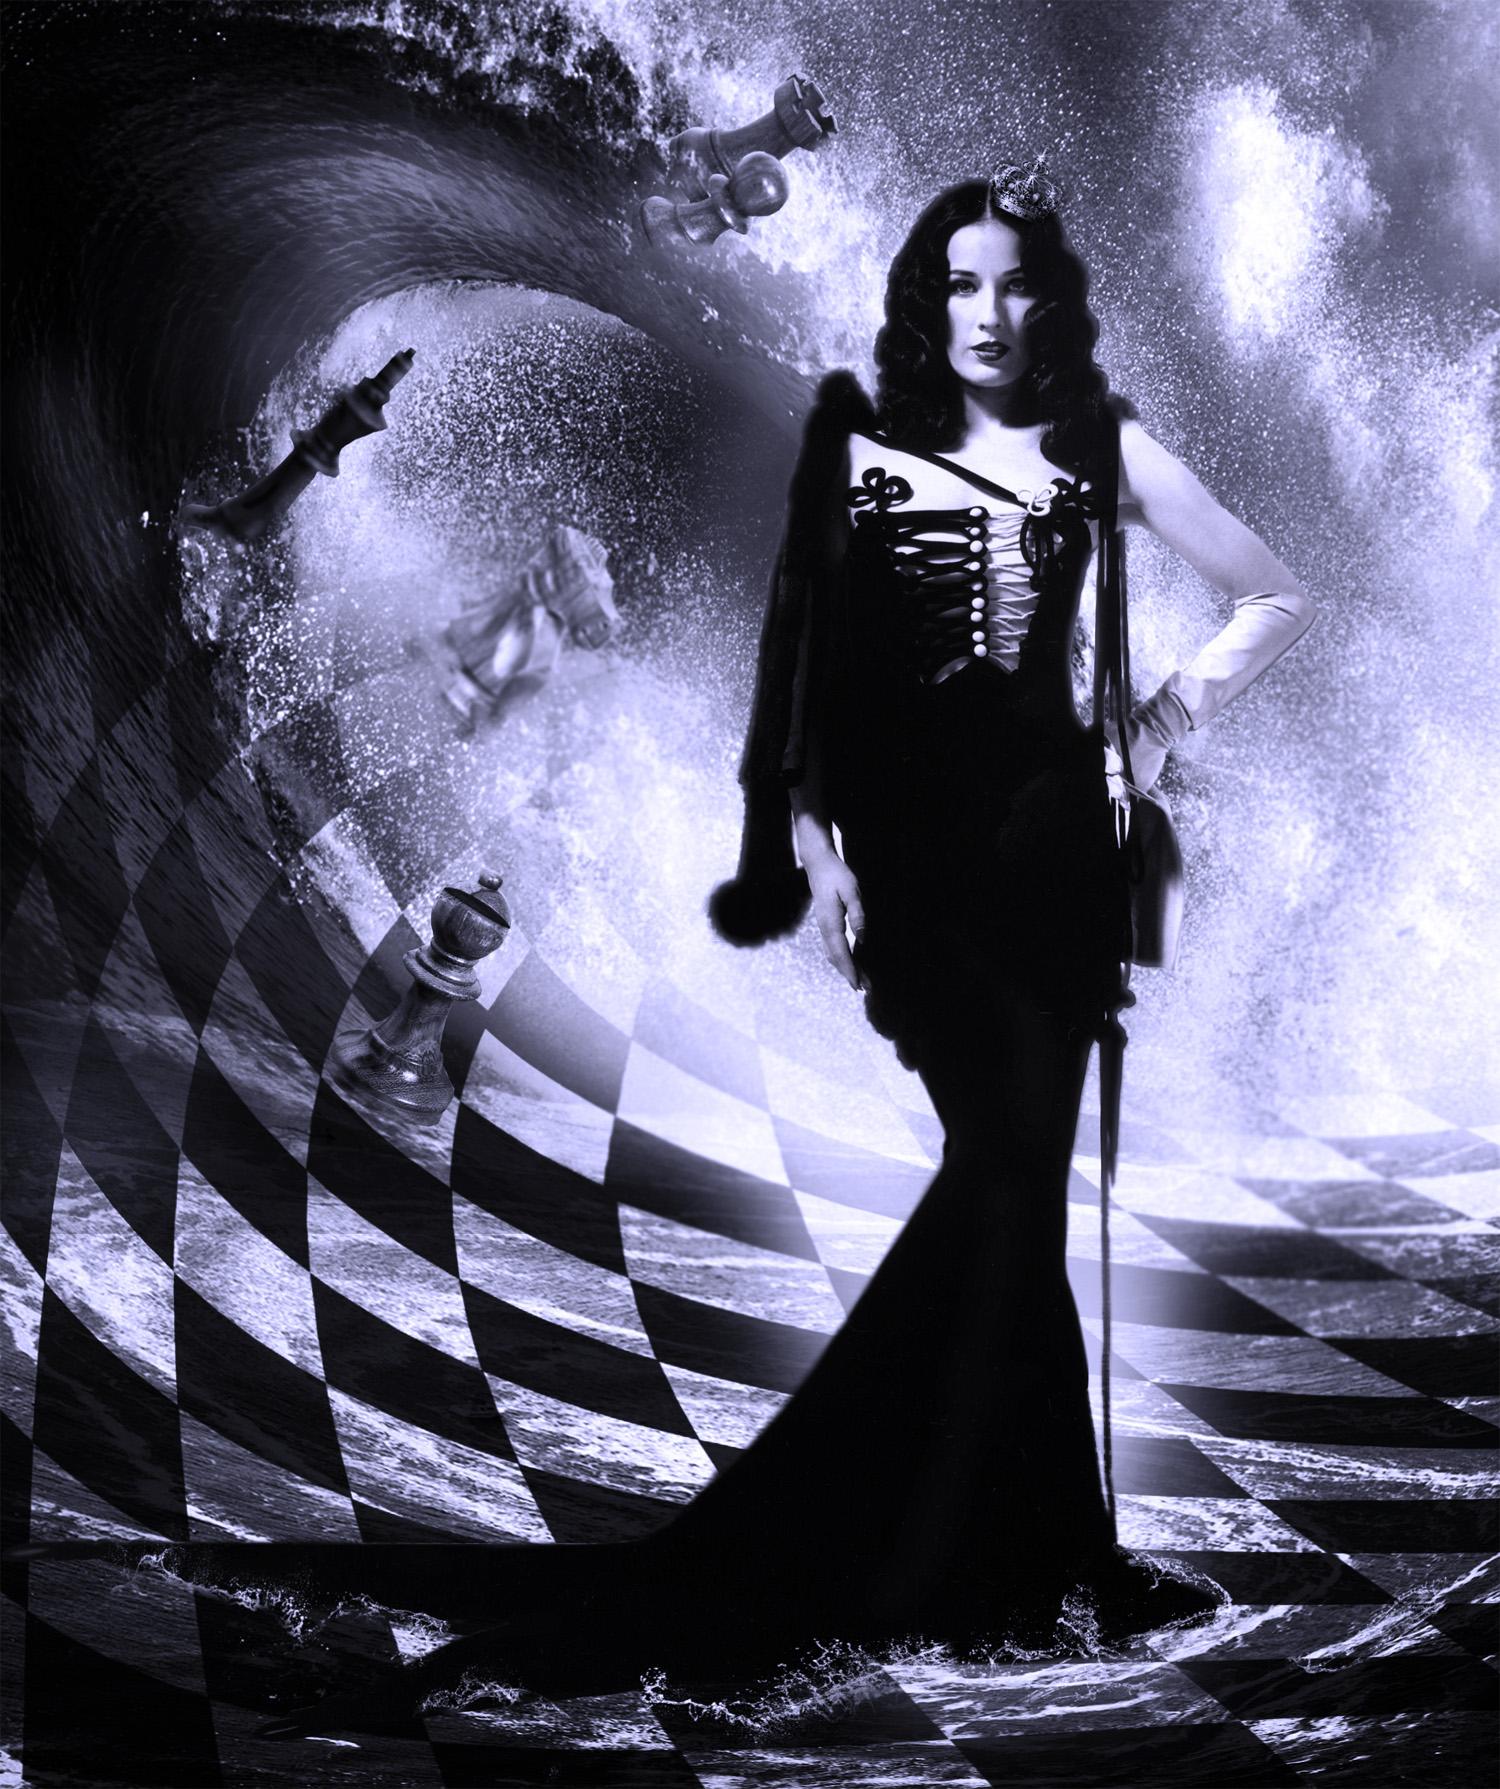 картинка черная королева всей территории было